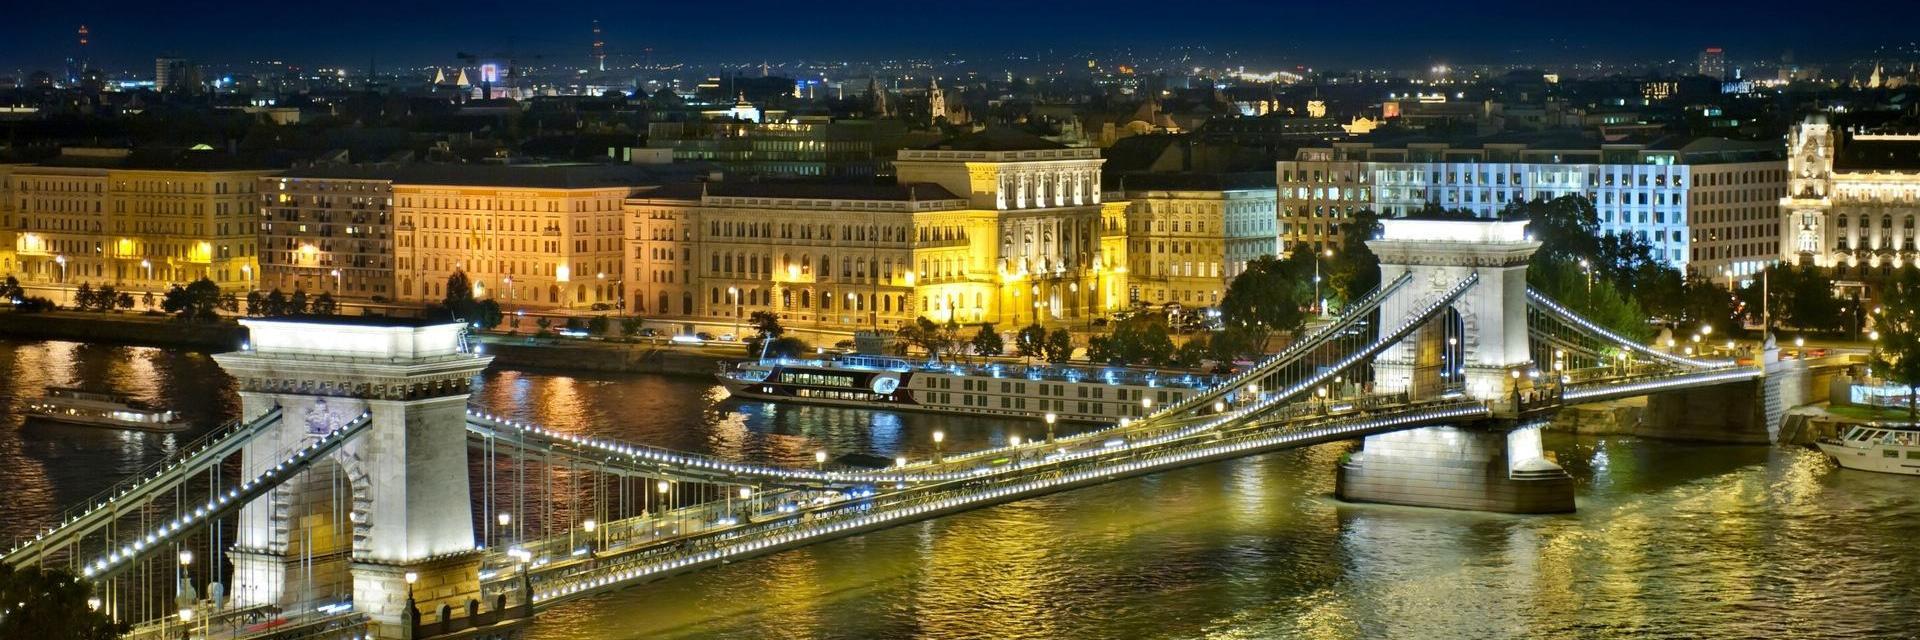 多瑙河玫瑰--布達佩斯,絢麗的橋梁夜景,象征浪漫和自由的愛情